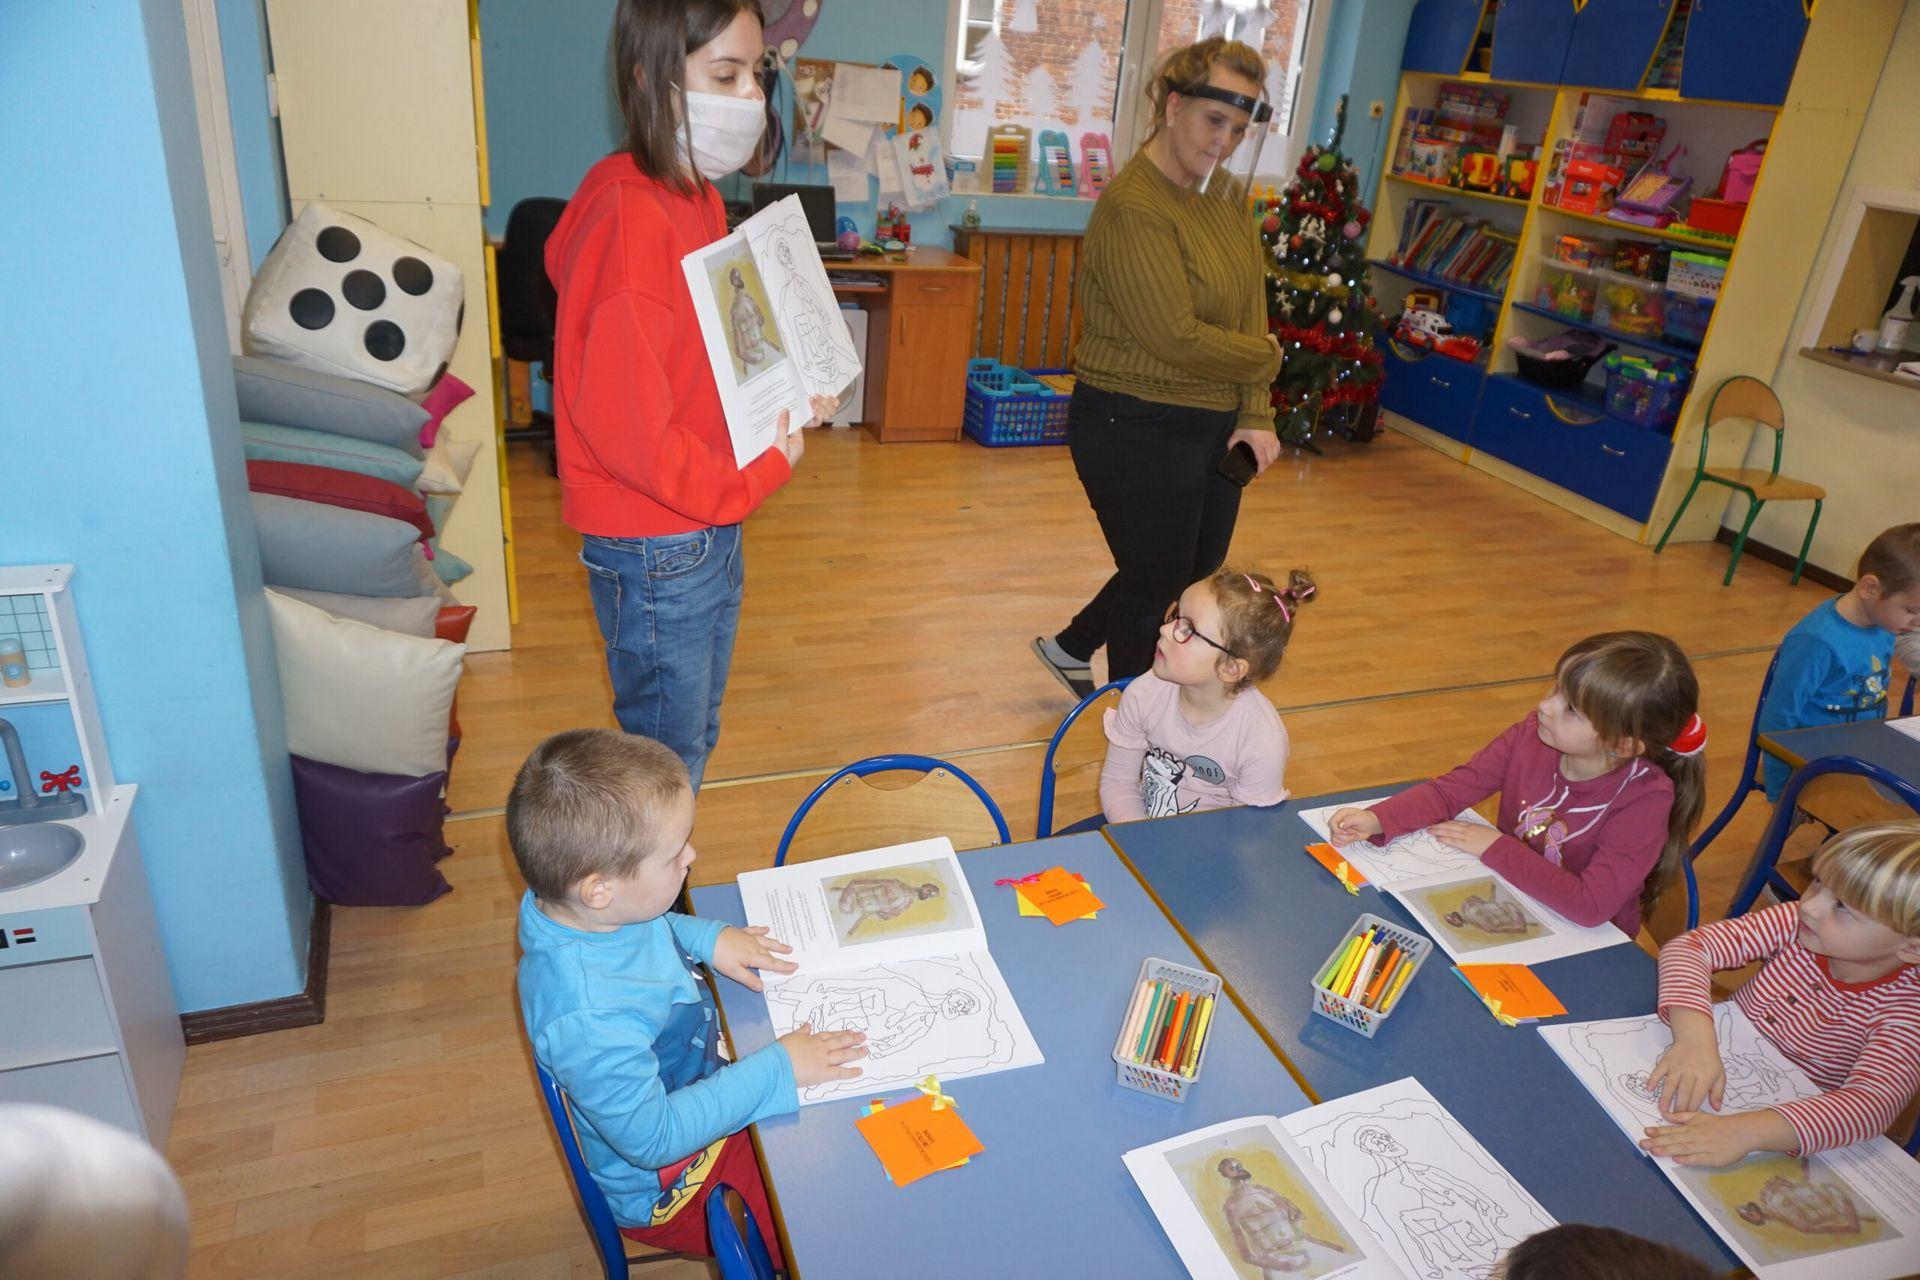 Fotografia dzieci na warsztatach na drugim planie prowadząca zajęcia kobieta i nauczycielka. Dzieci siedzące przy małych stolikach w sali edukacyjnej.